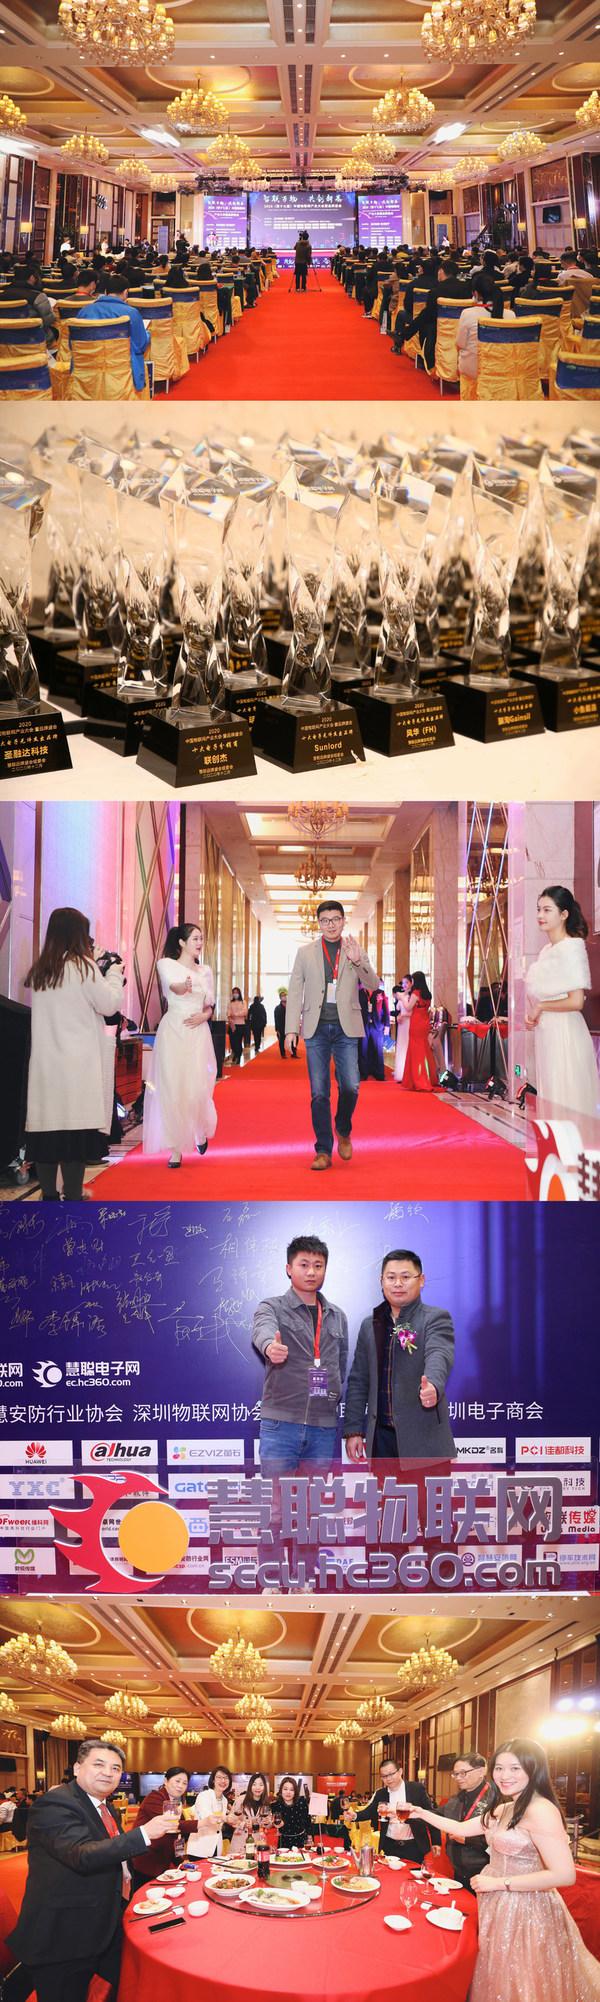 2020(第十七届)中国物联网产业大会暨品牌盛会盛大举办